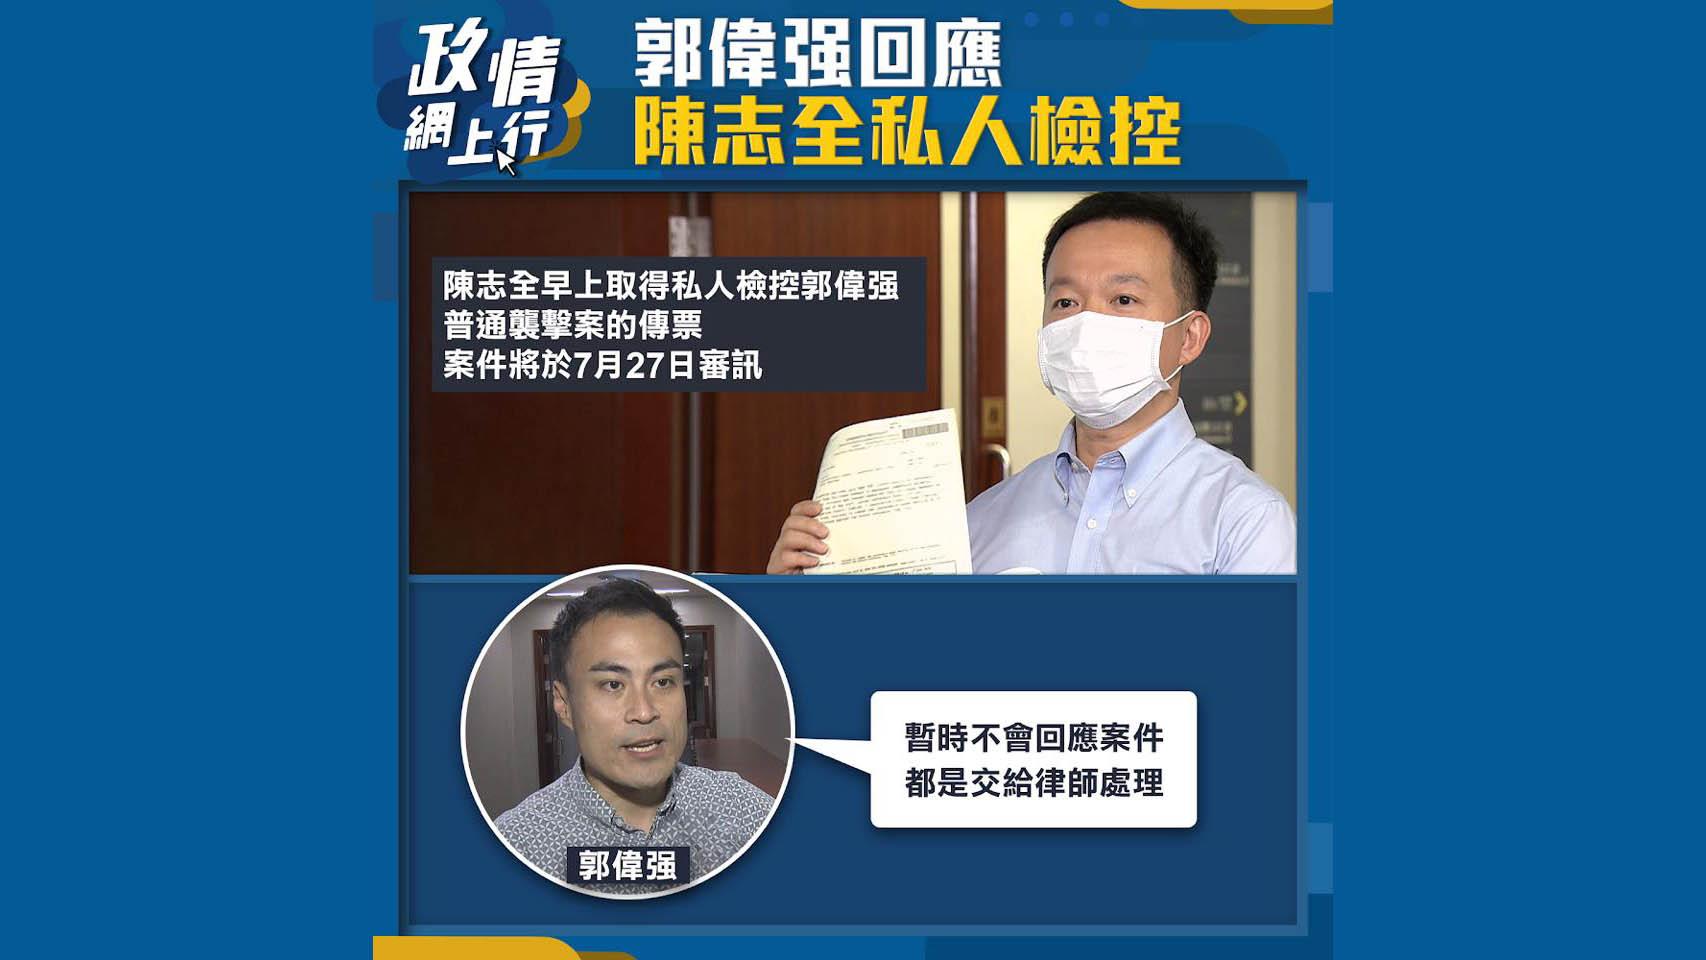 【政情網上行】郭偉强回應陳志全私人檢控